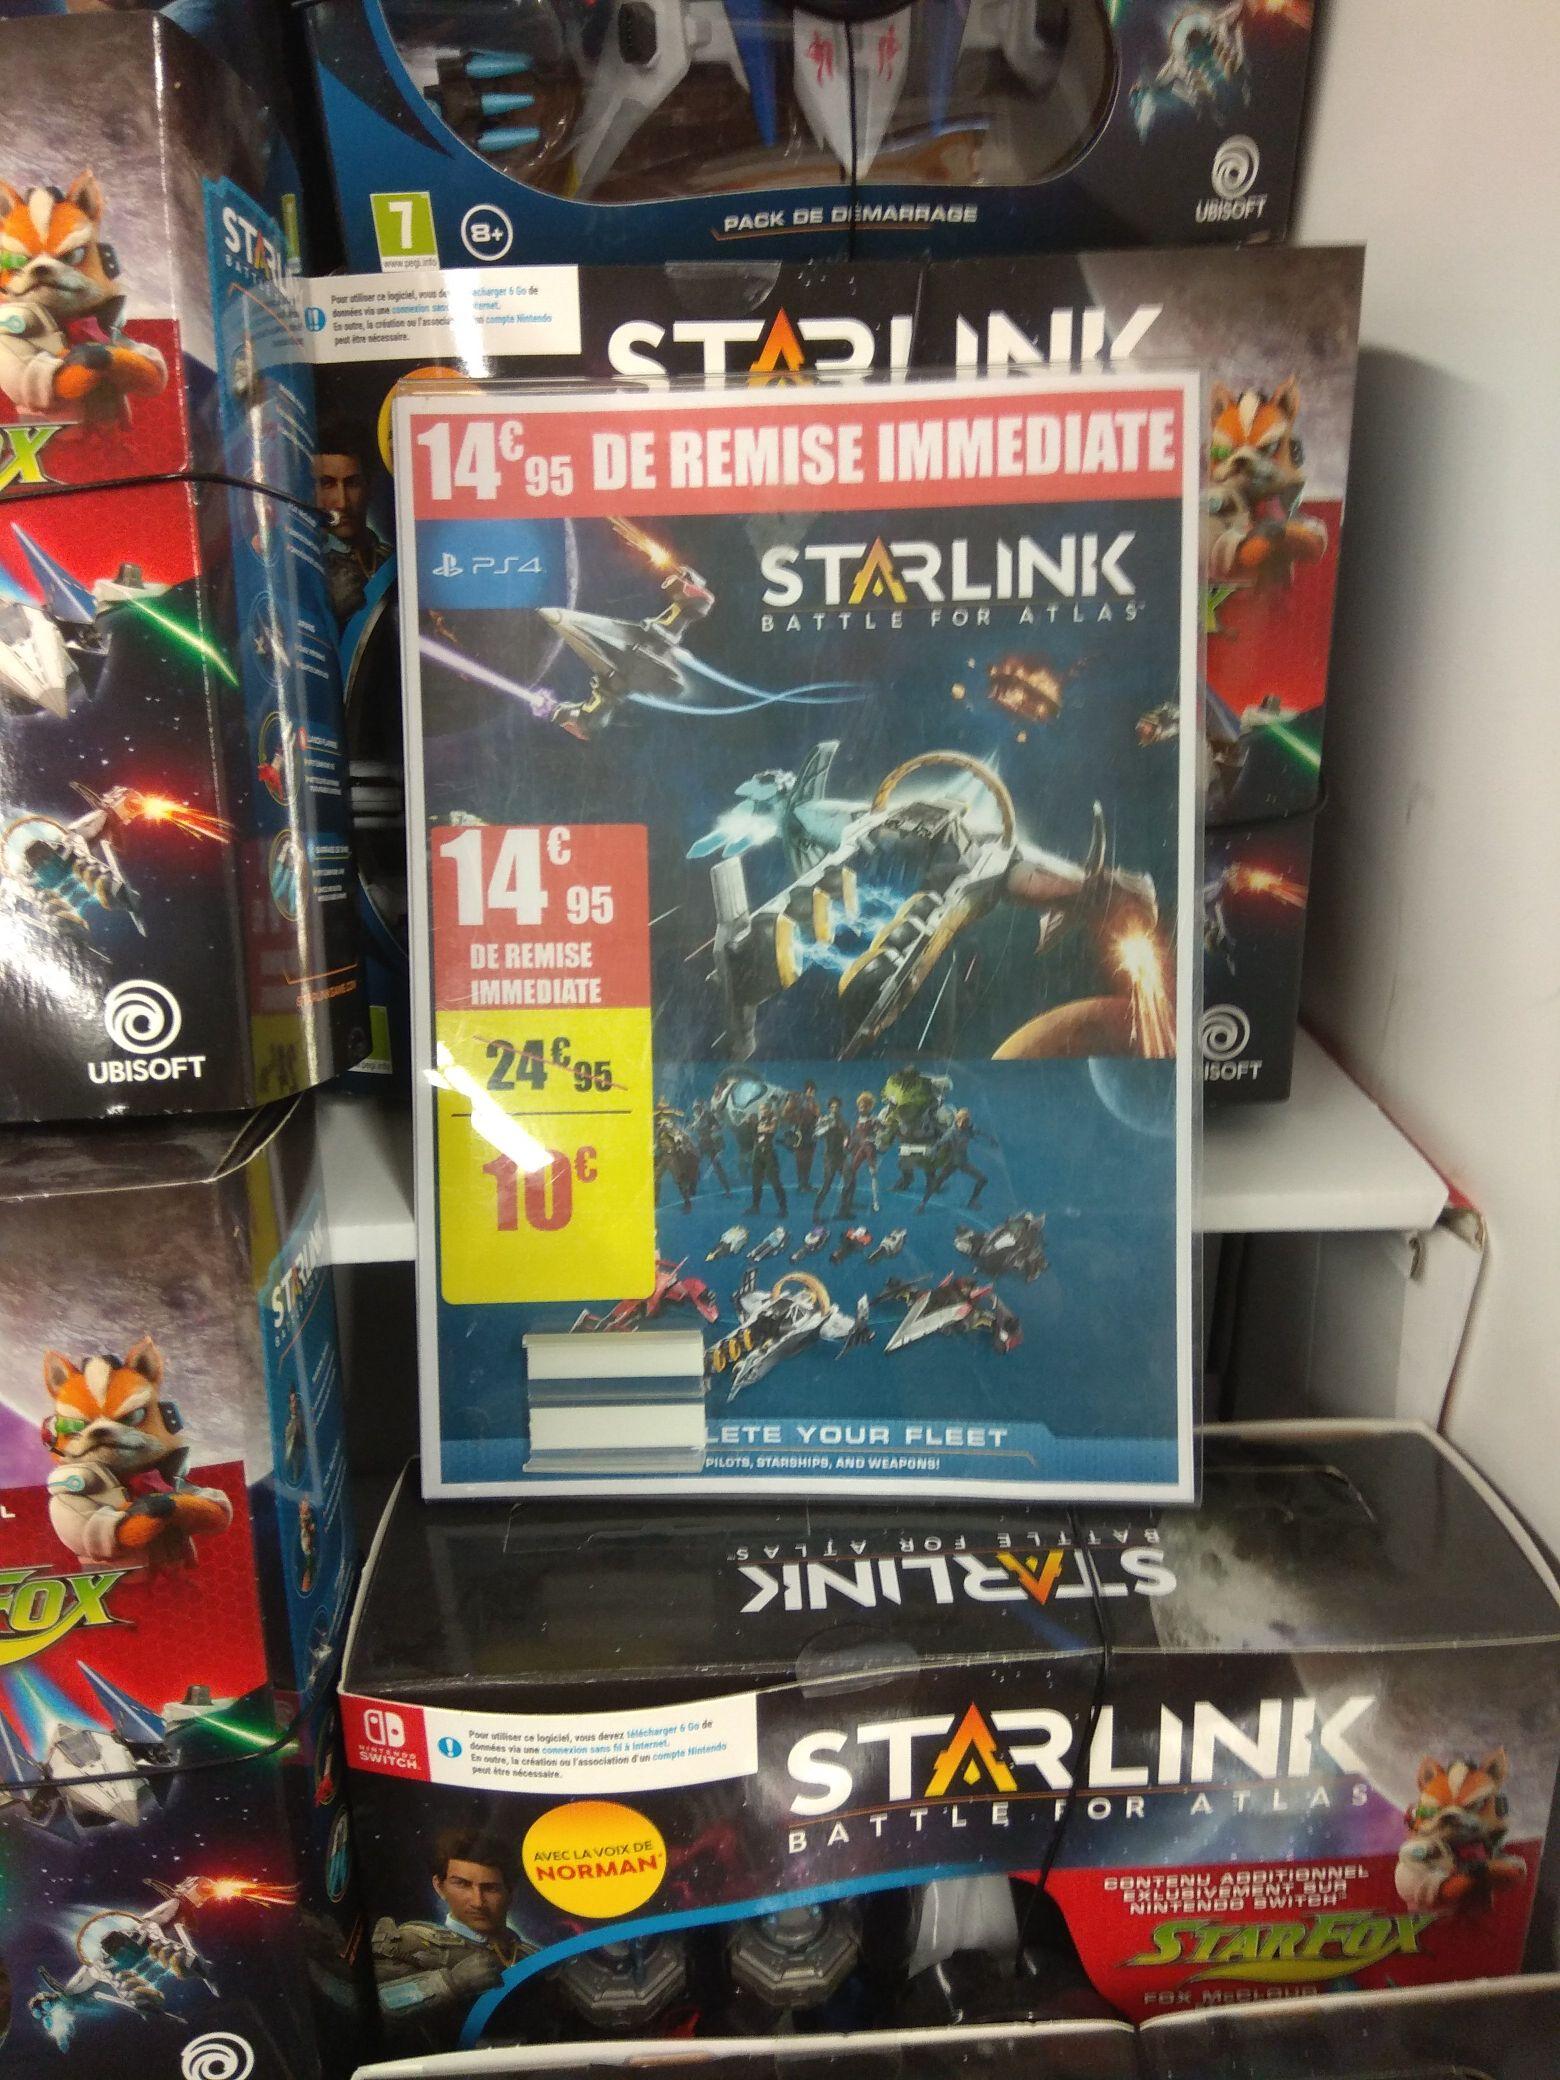 Pack de démarrage Starlink Battle for Atlas pour PS4 ou Nintendo Switch - Noisy le Grand (93)